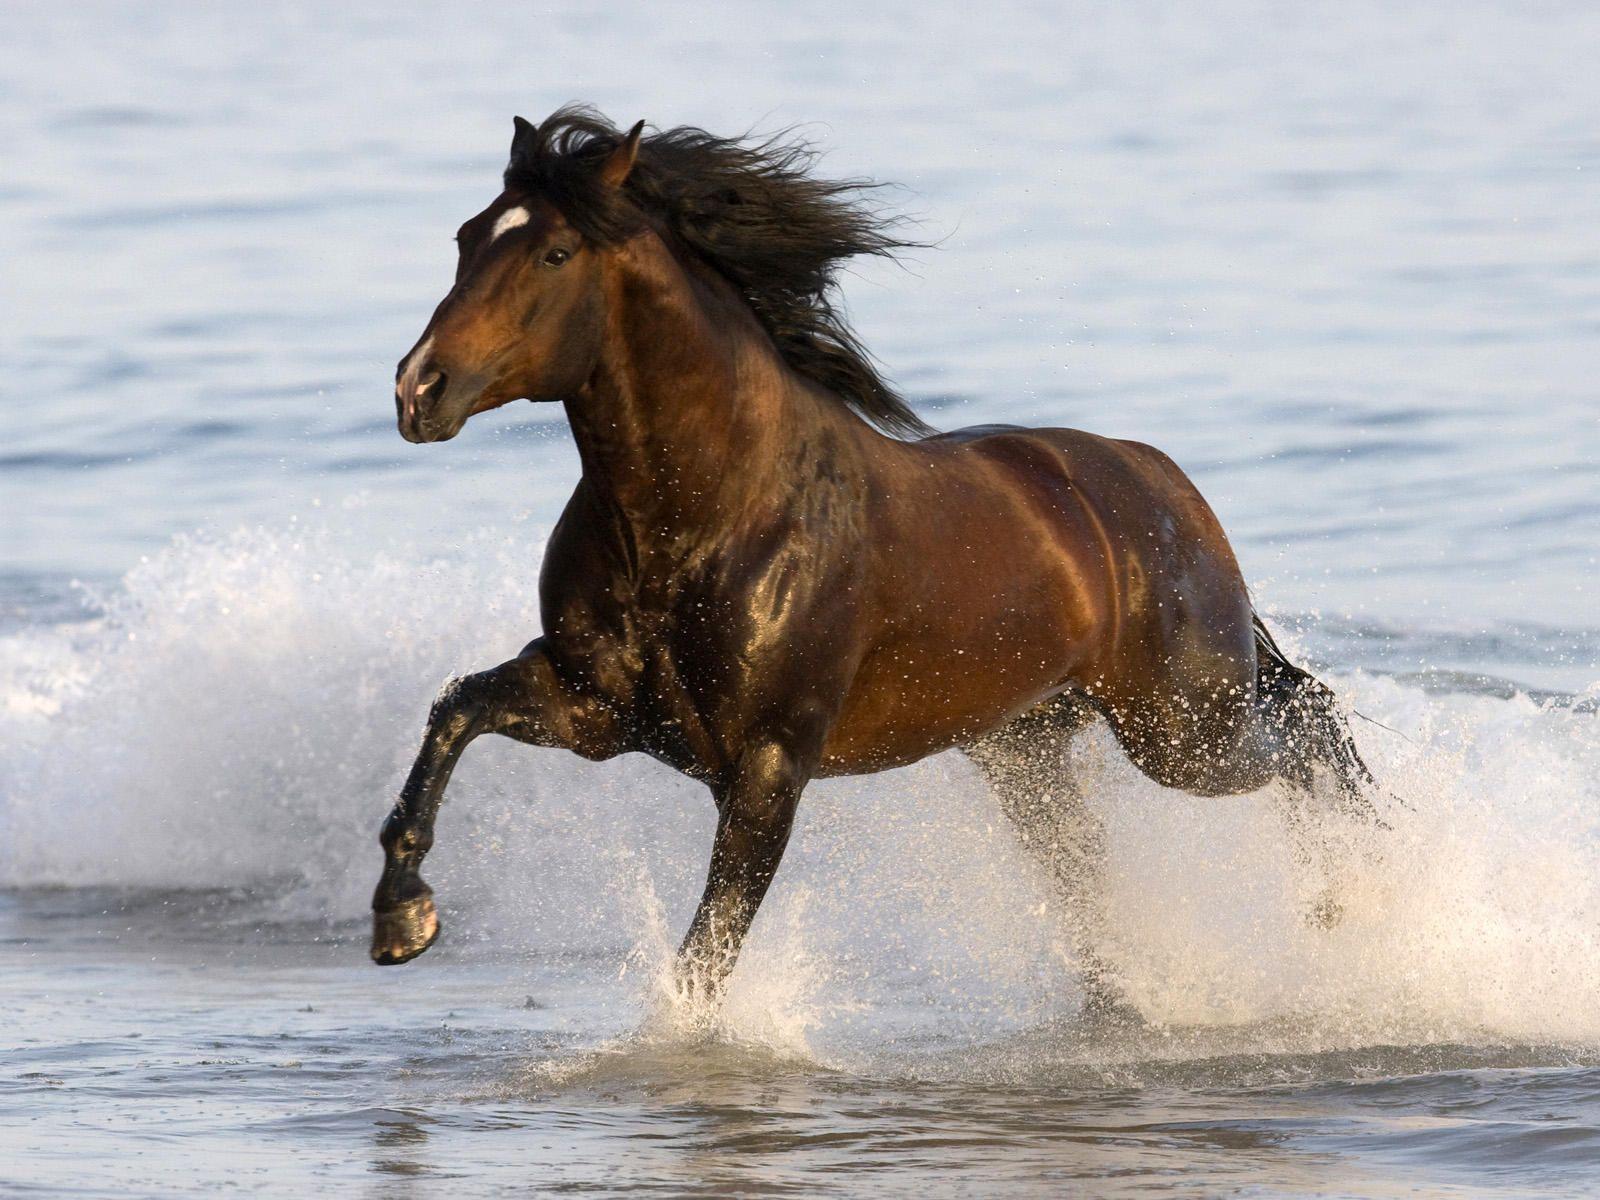 Bay Azteca Stallion 馬 動物 駿馬